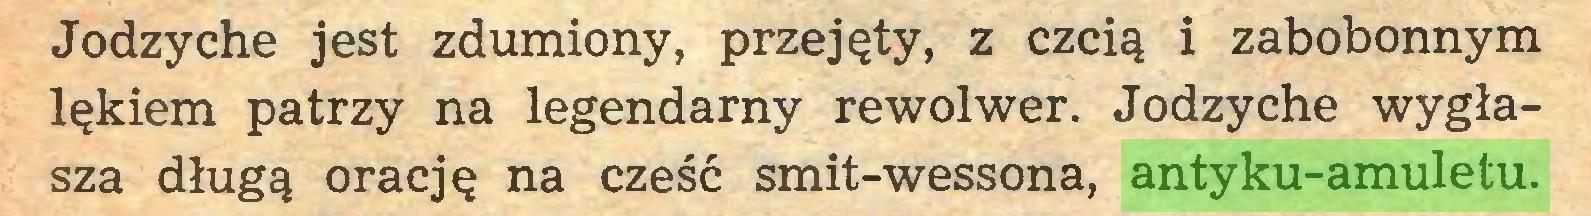 (...) Jodzyche jest zdumiony, przejęty, z czcią i zabobonnym lękiem patrzy na legendarny rewolwer. Jodzyche wygłasza długą orację na cześć smit-wessona, antyku-amuletu...